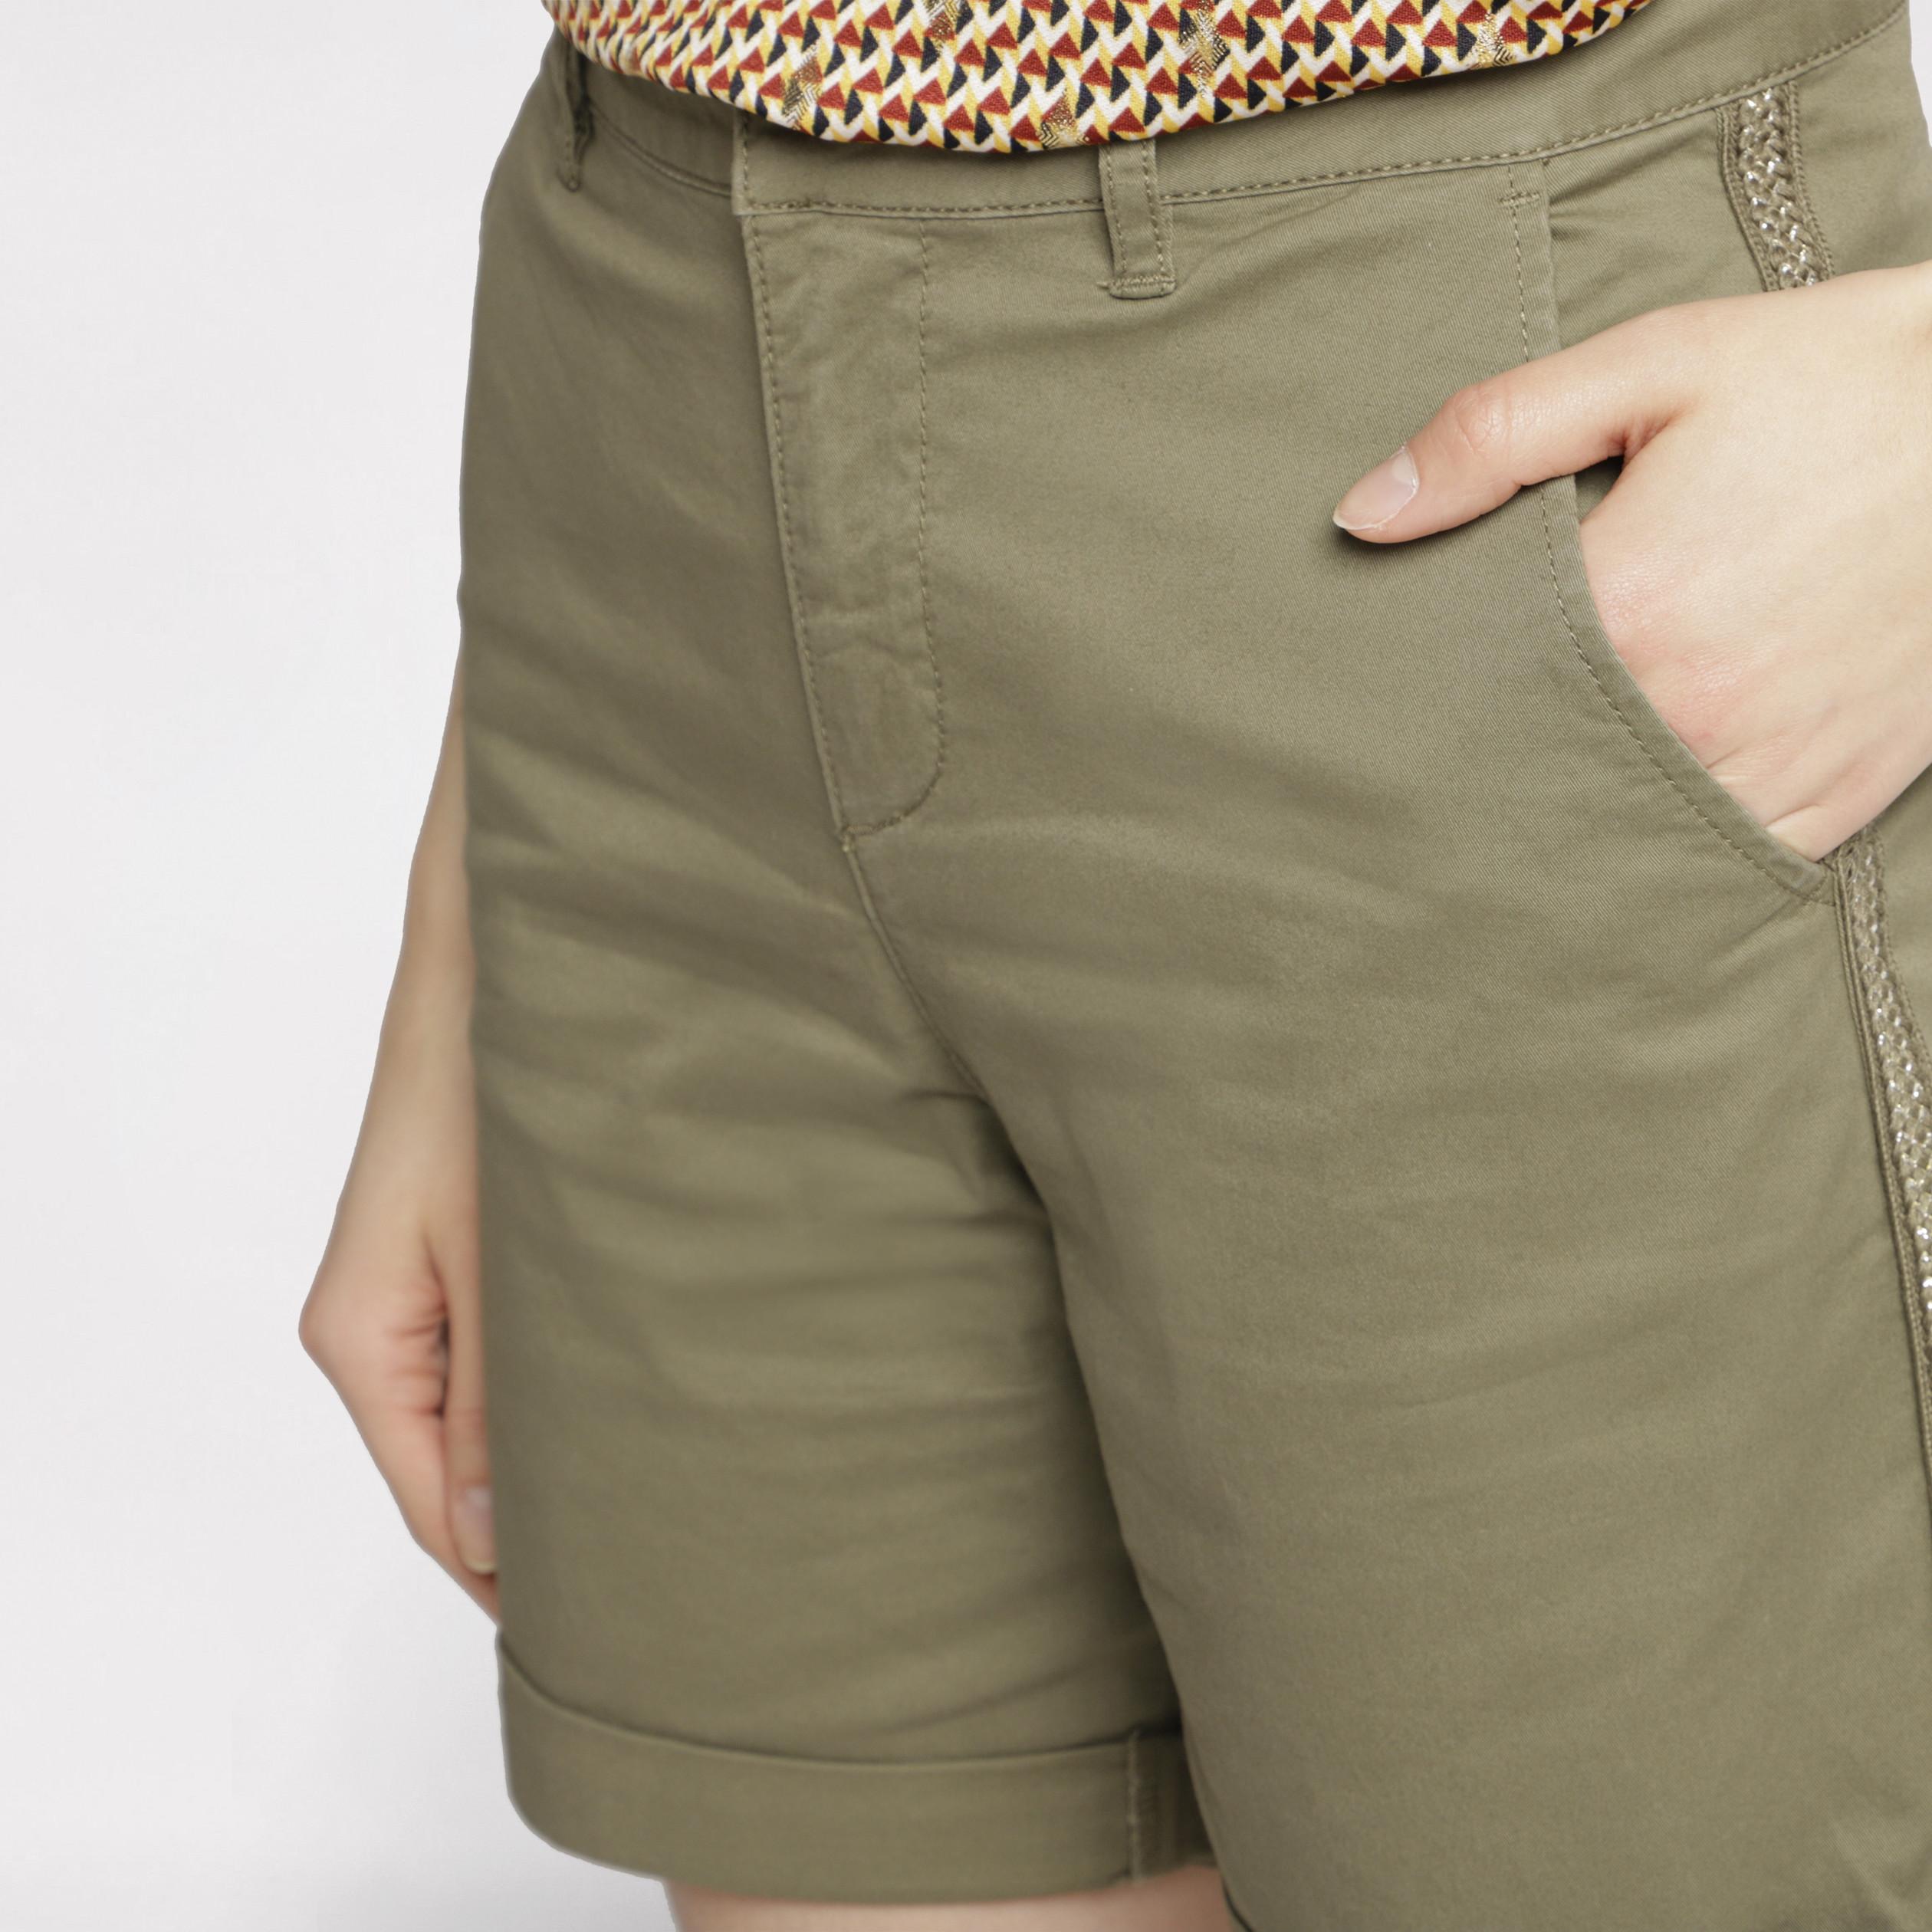 Kaki Droit Standard Taille Bermuda Femme Vert 4cARjq5L3